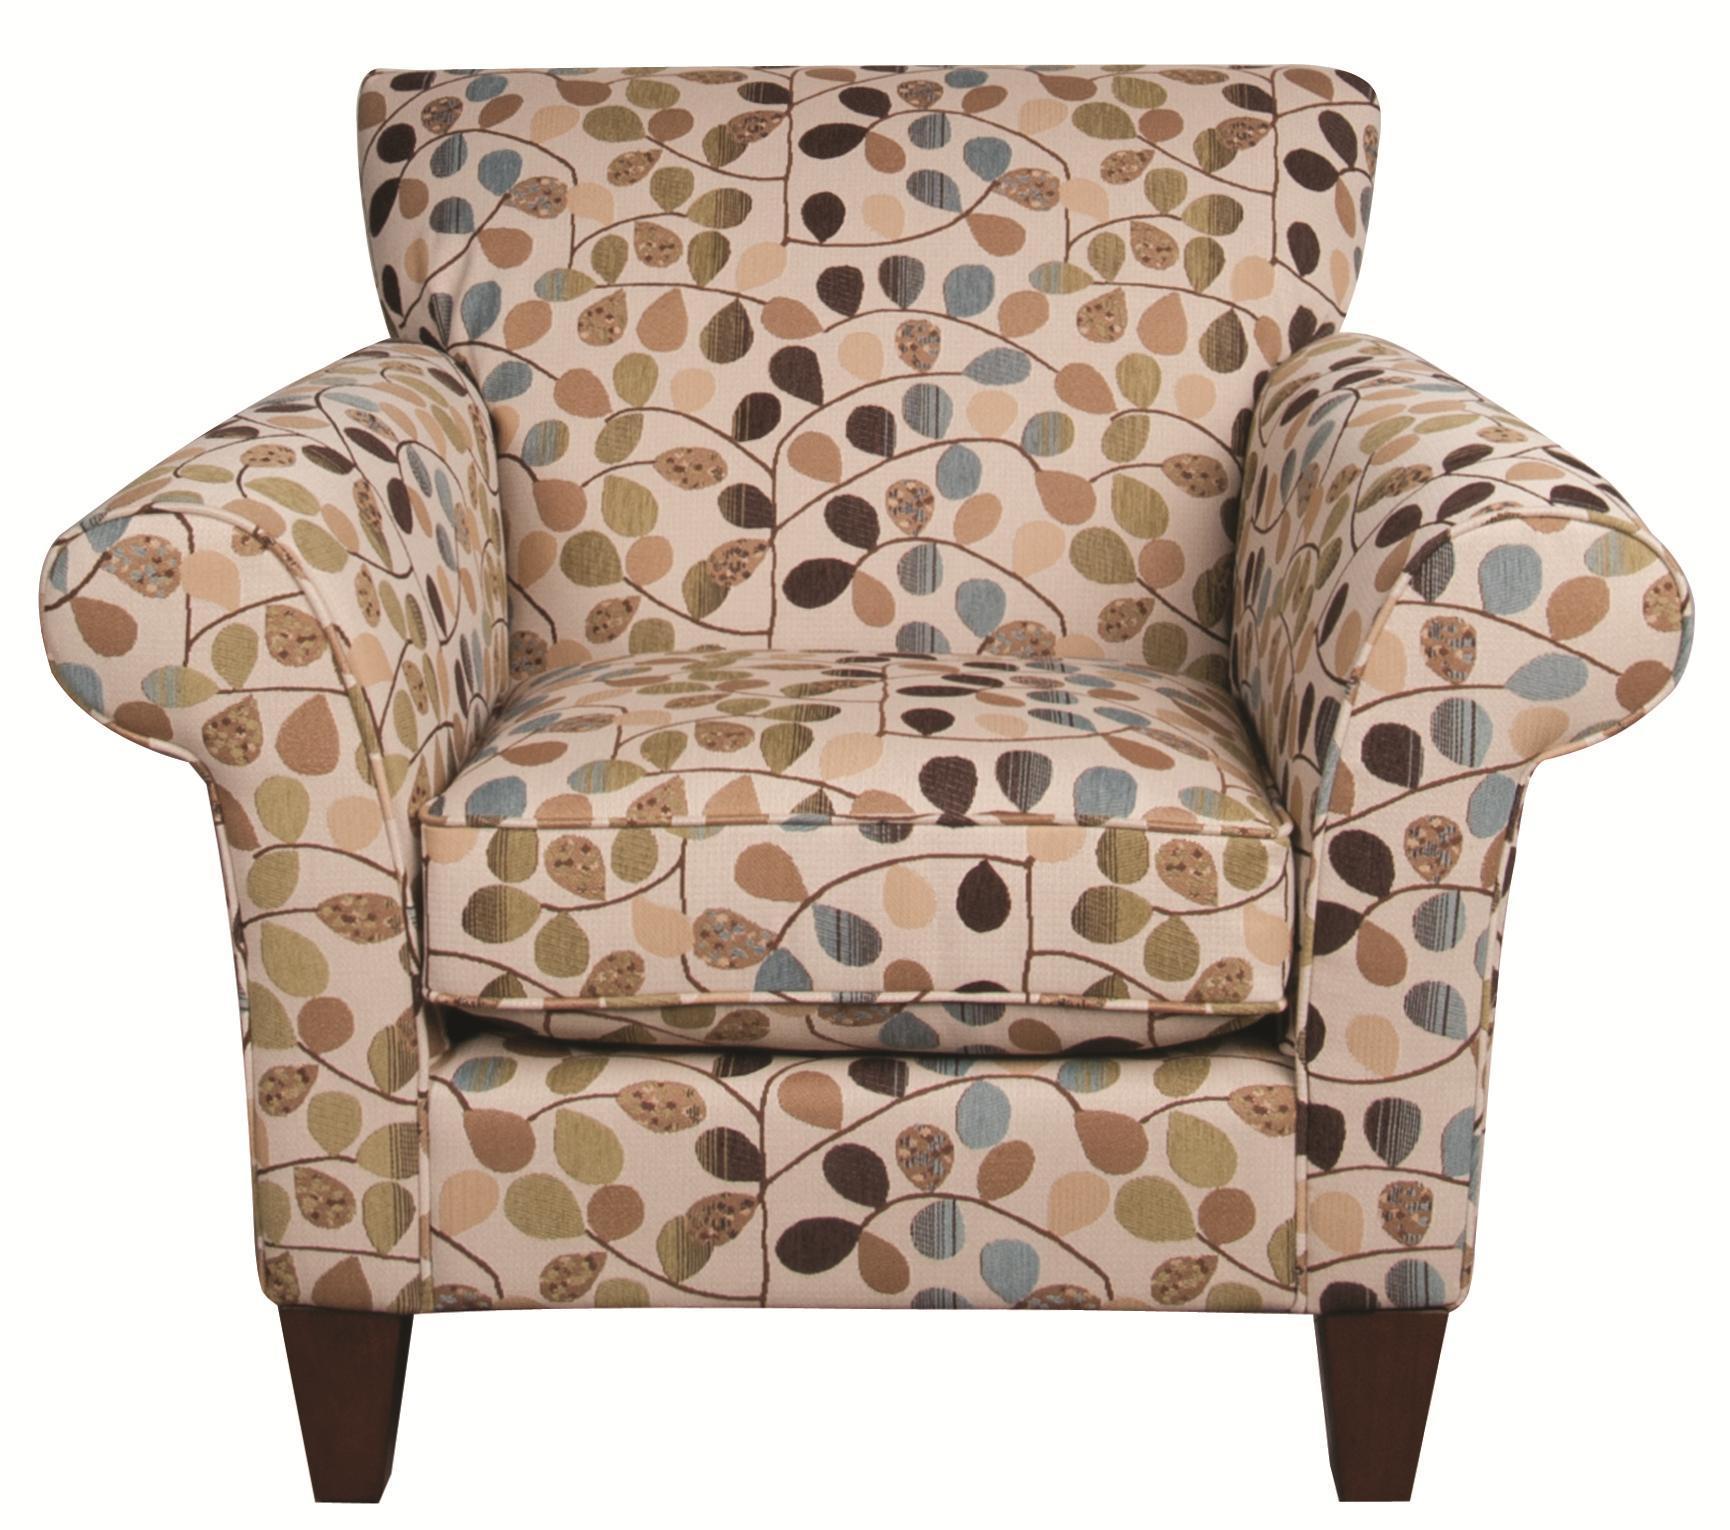 La-Z-Boy Collins Collins Accent Chair - Item Number: 110845786